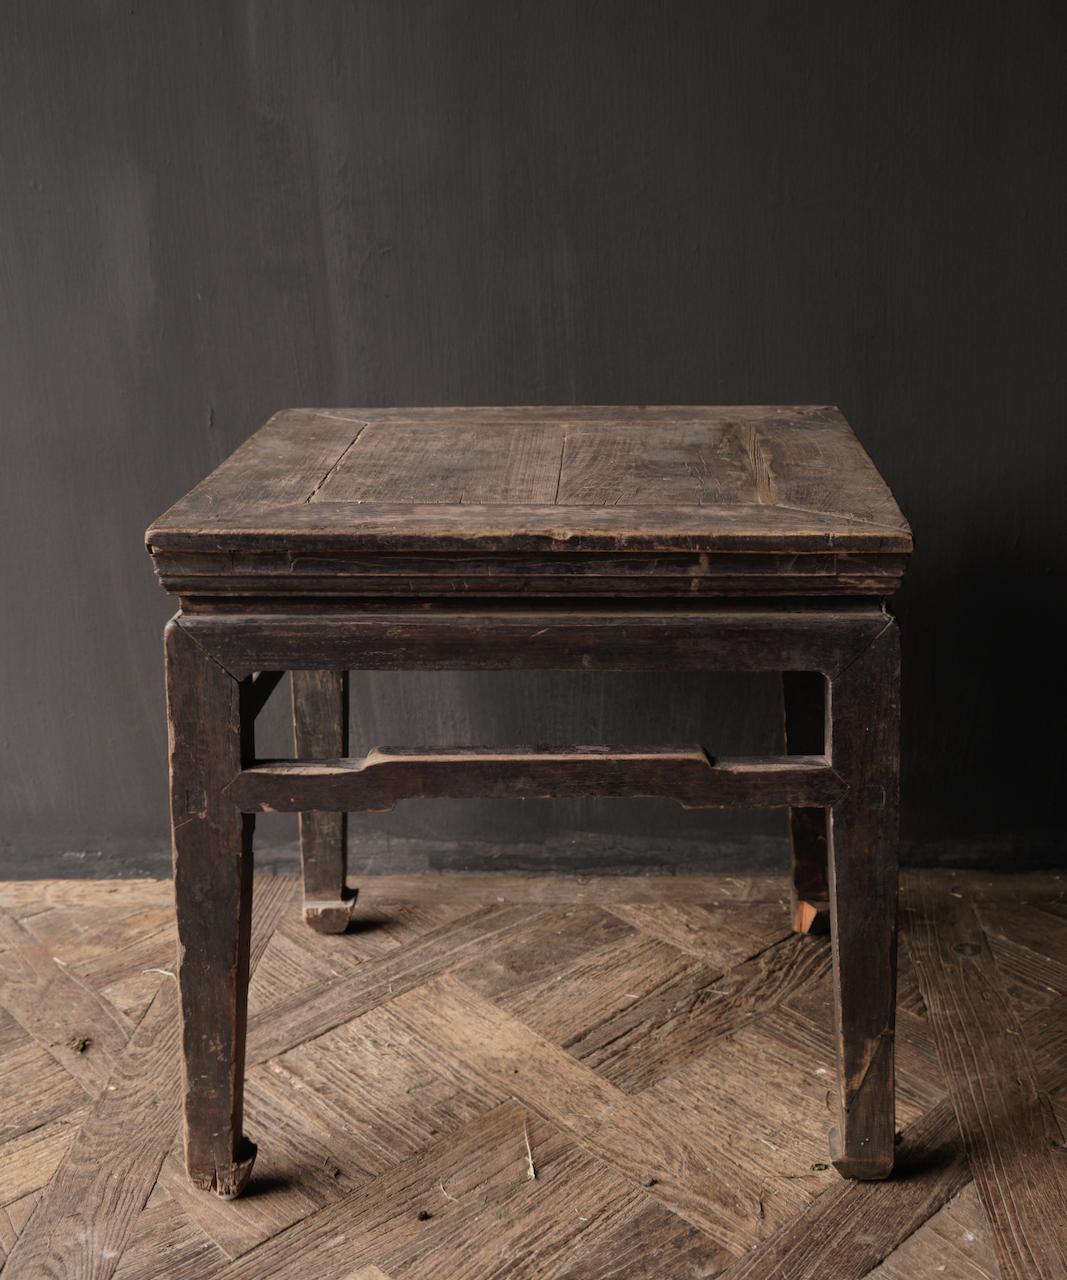 Altes authentisches hölzernes Salon- / Beistelltischquadrat Einzigartiges Einzelteil-9